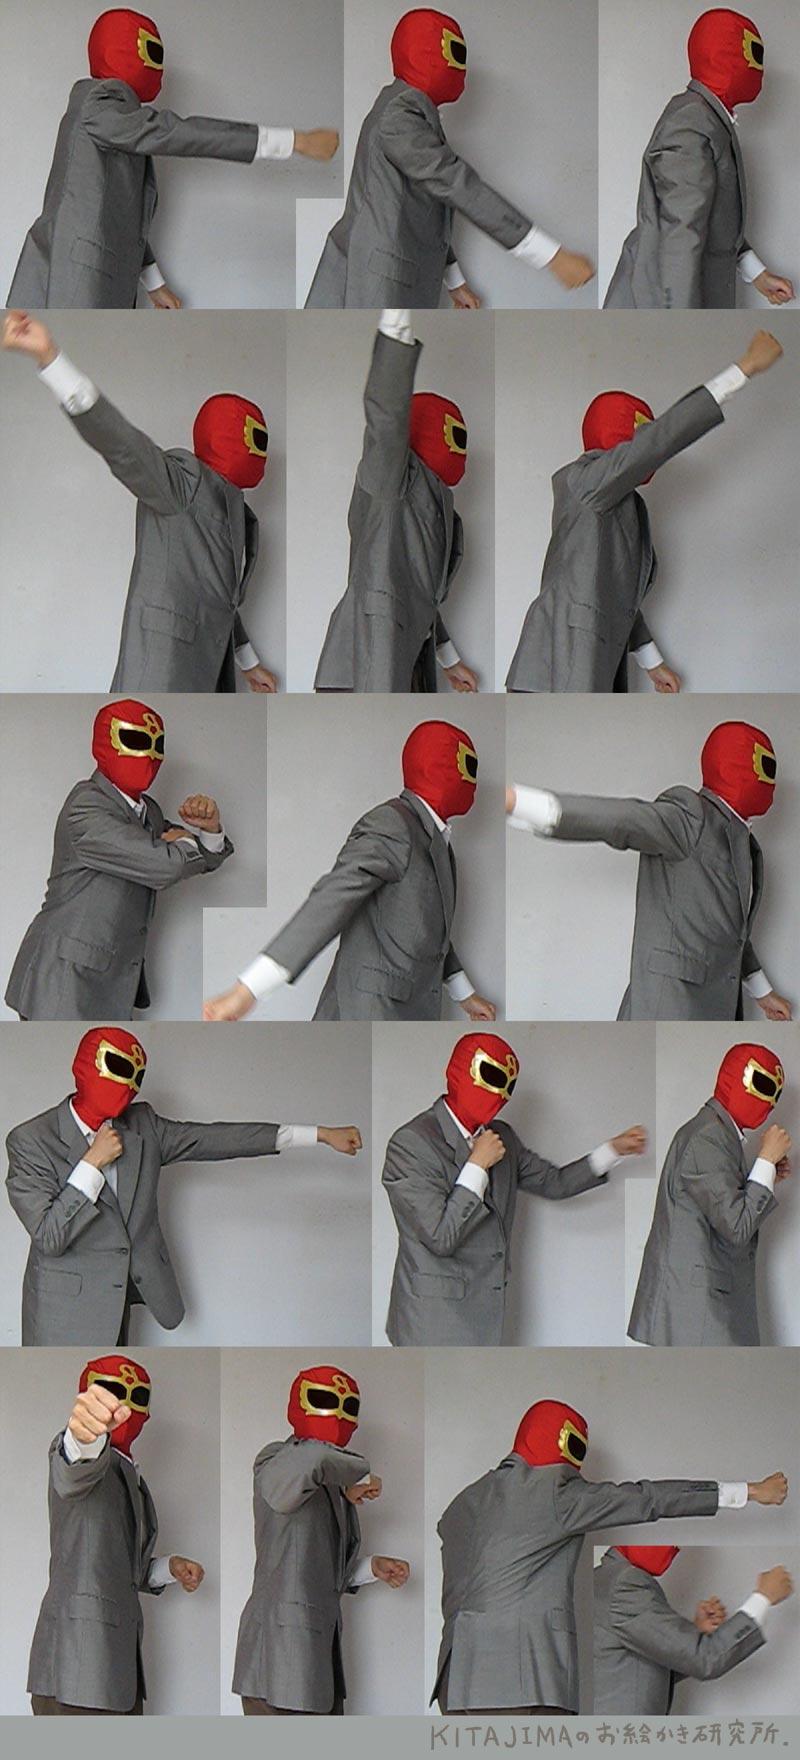 描き 方 しわ スーツ スーツのジャケットにシワが!簡単に出来るシワの取り方教えます!